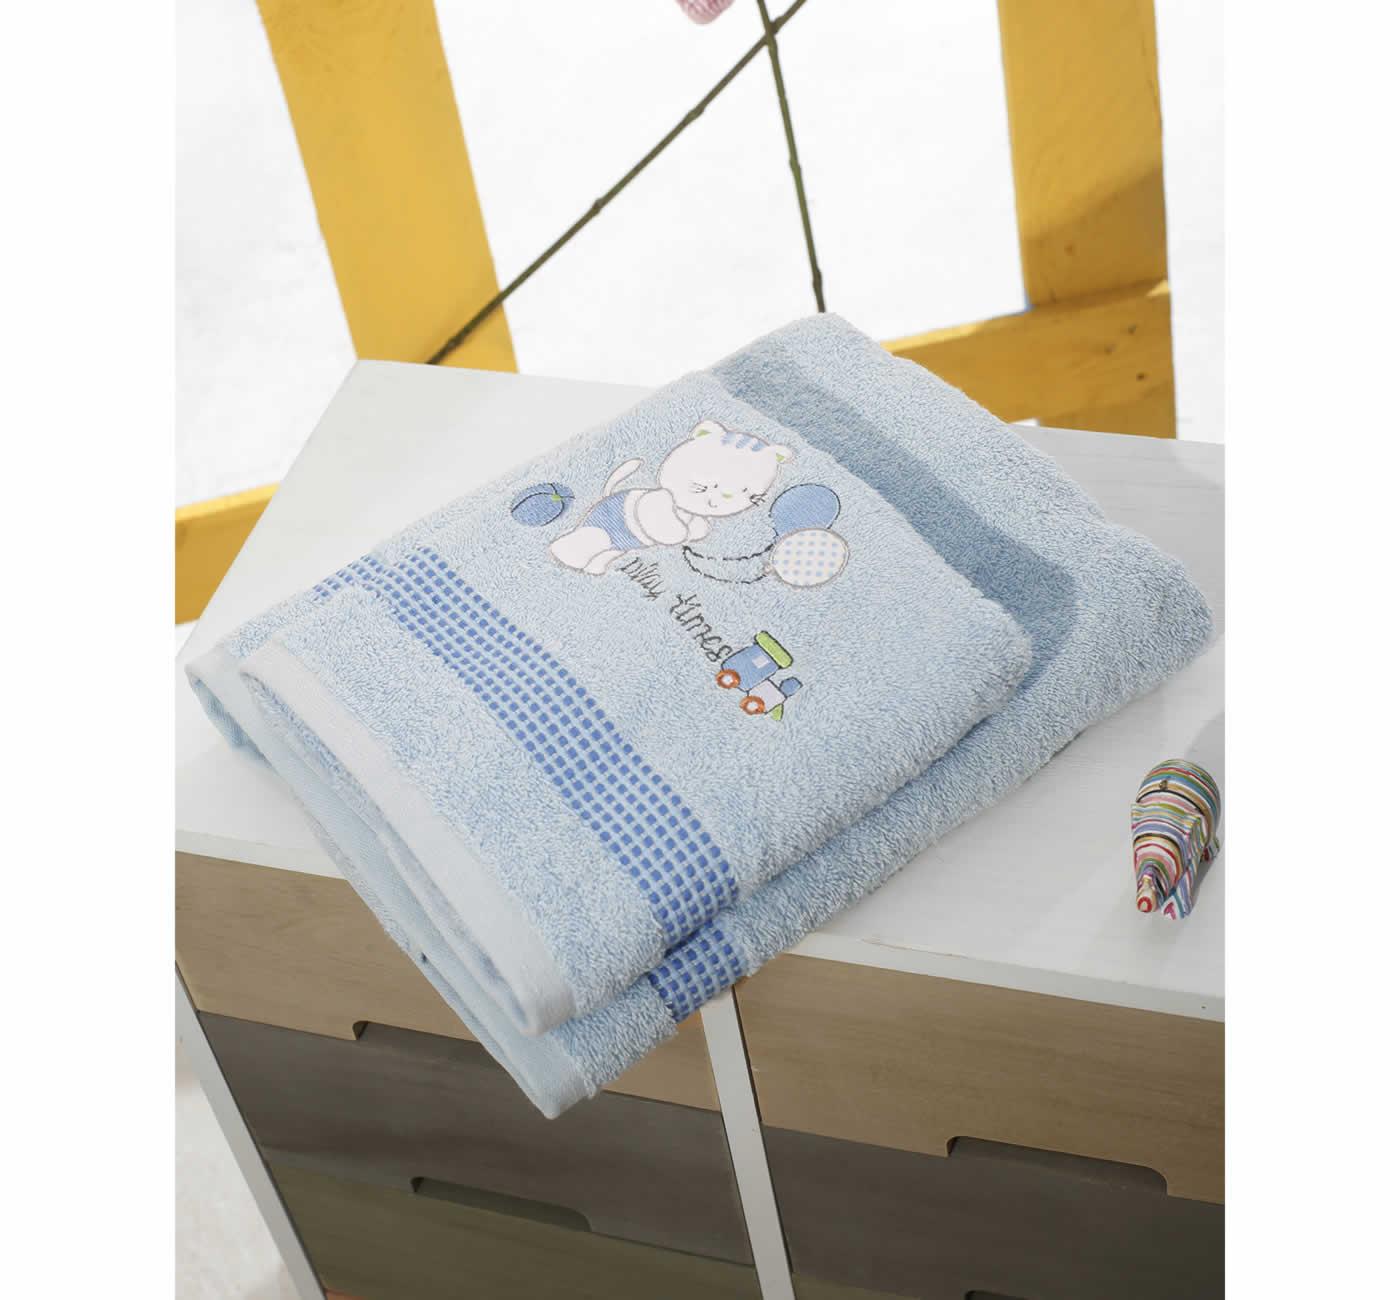 Σετ Βρεφικές Πετσέτες (bebe - 2τμχ.) KITTEN BLUE της Sb Home